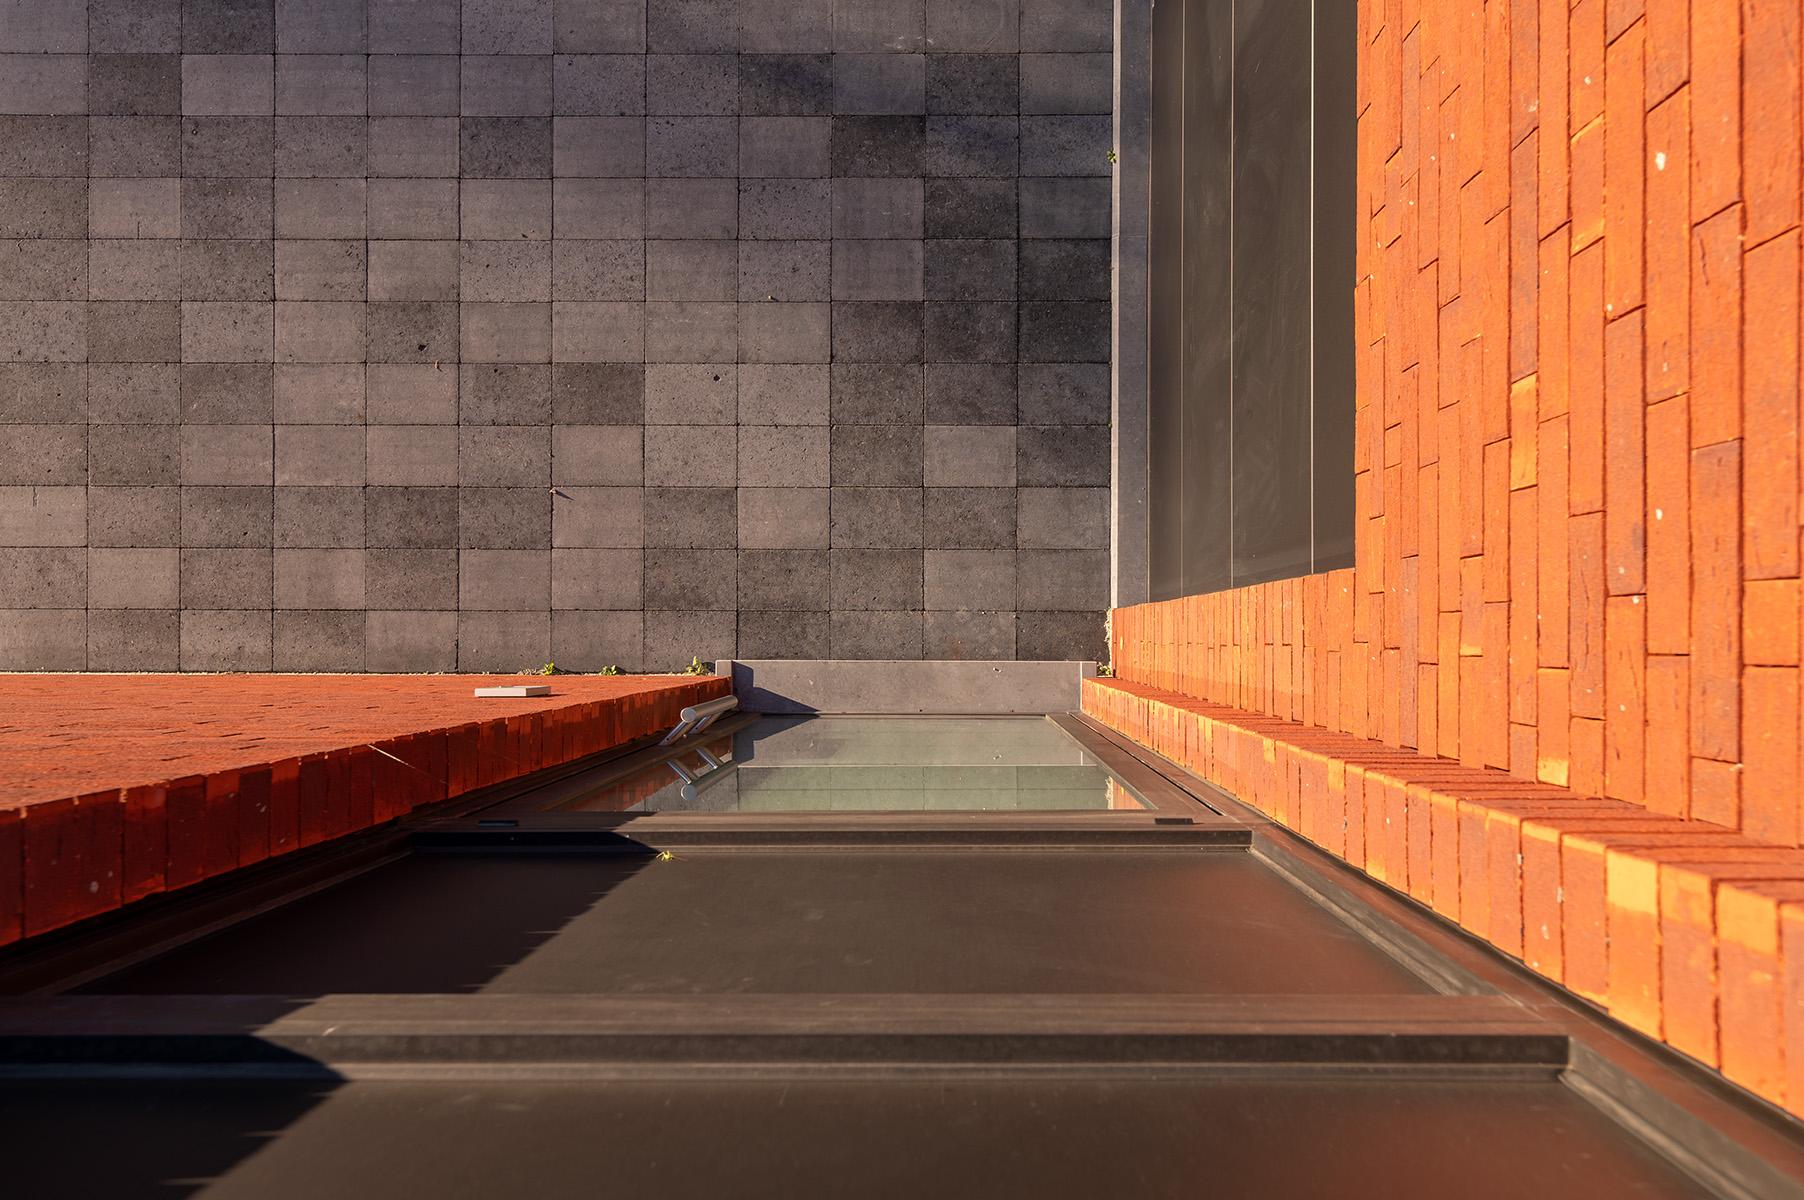 Project De Mulder - Ketswoningbouw